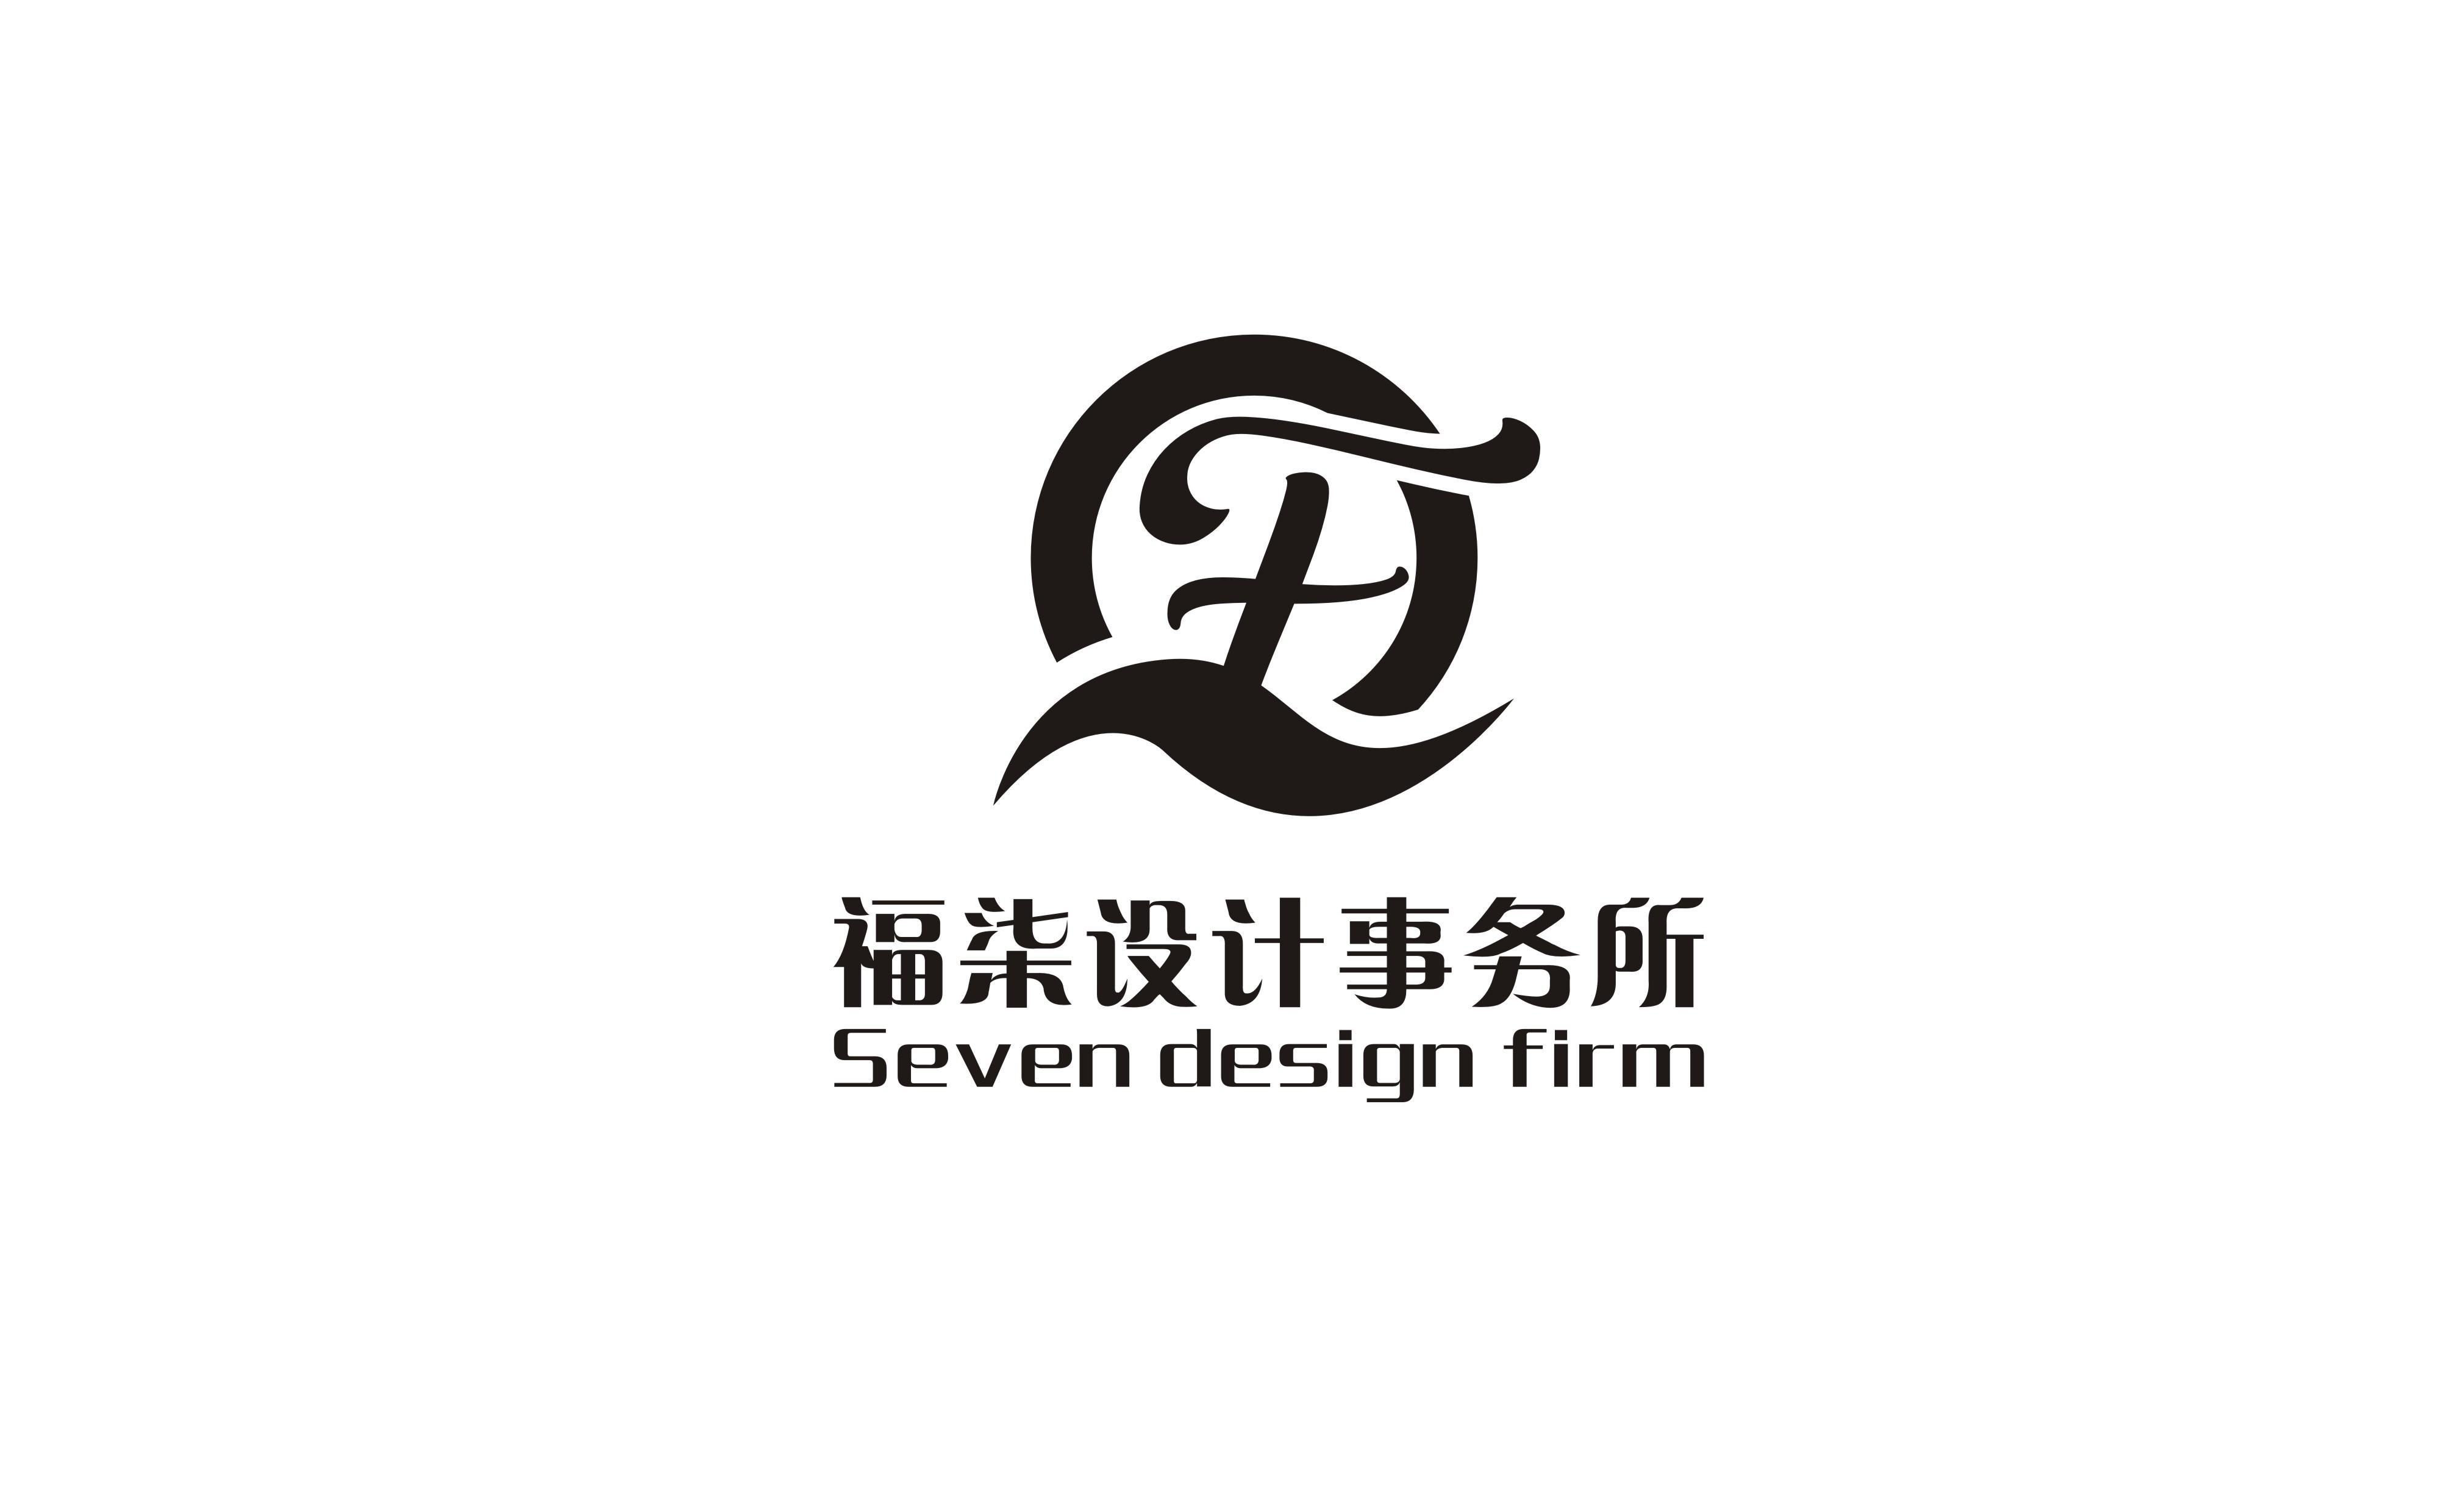 东莞市福柒装饰设计有限公司